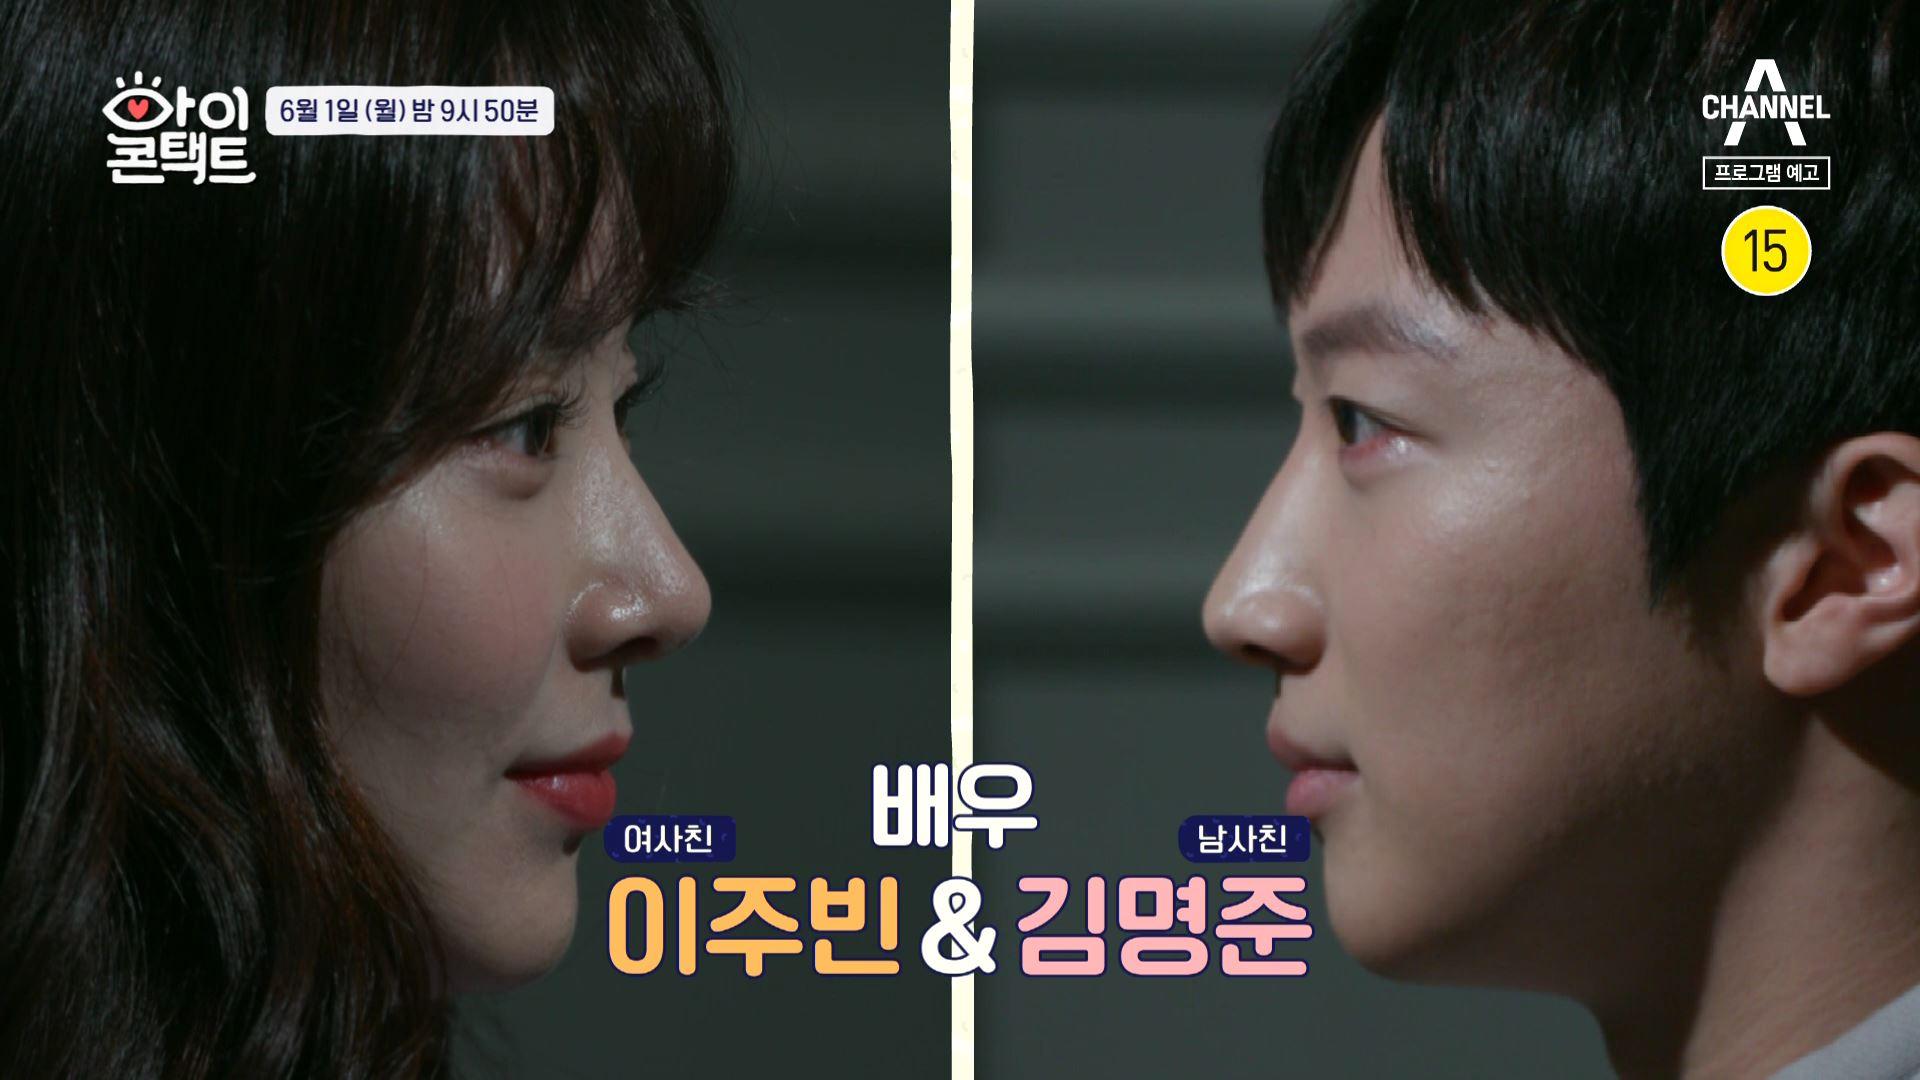 [예고] 드라마보다 더 설레는 그들의 눈맞춤♥ 그 여자와 그 남자의 속마음은? 이미지